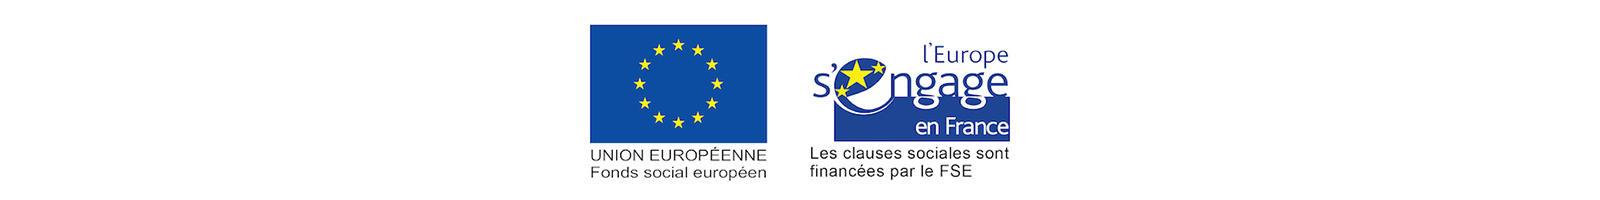 Les clauses sociales sont financées par le FSE